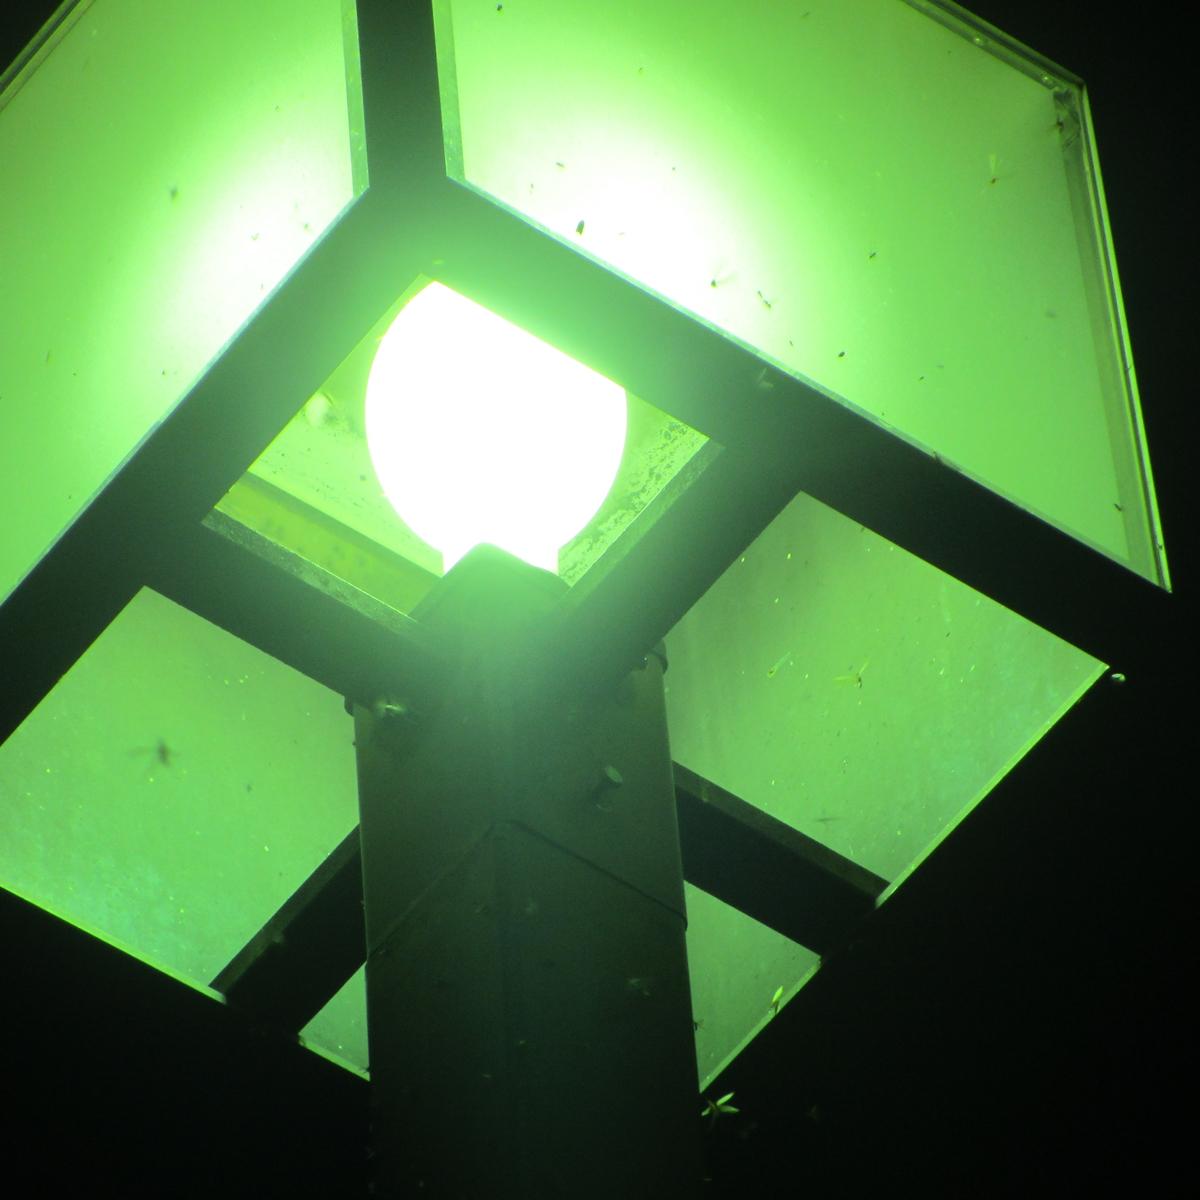 街灯に群がる虫20150710 (7)